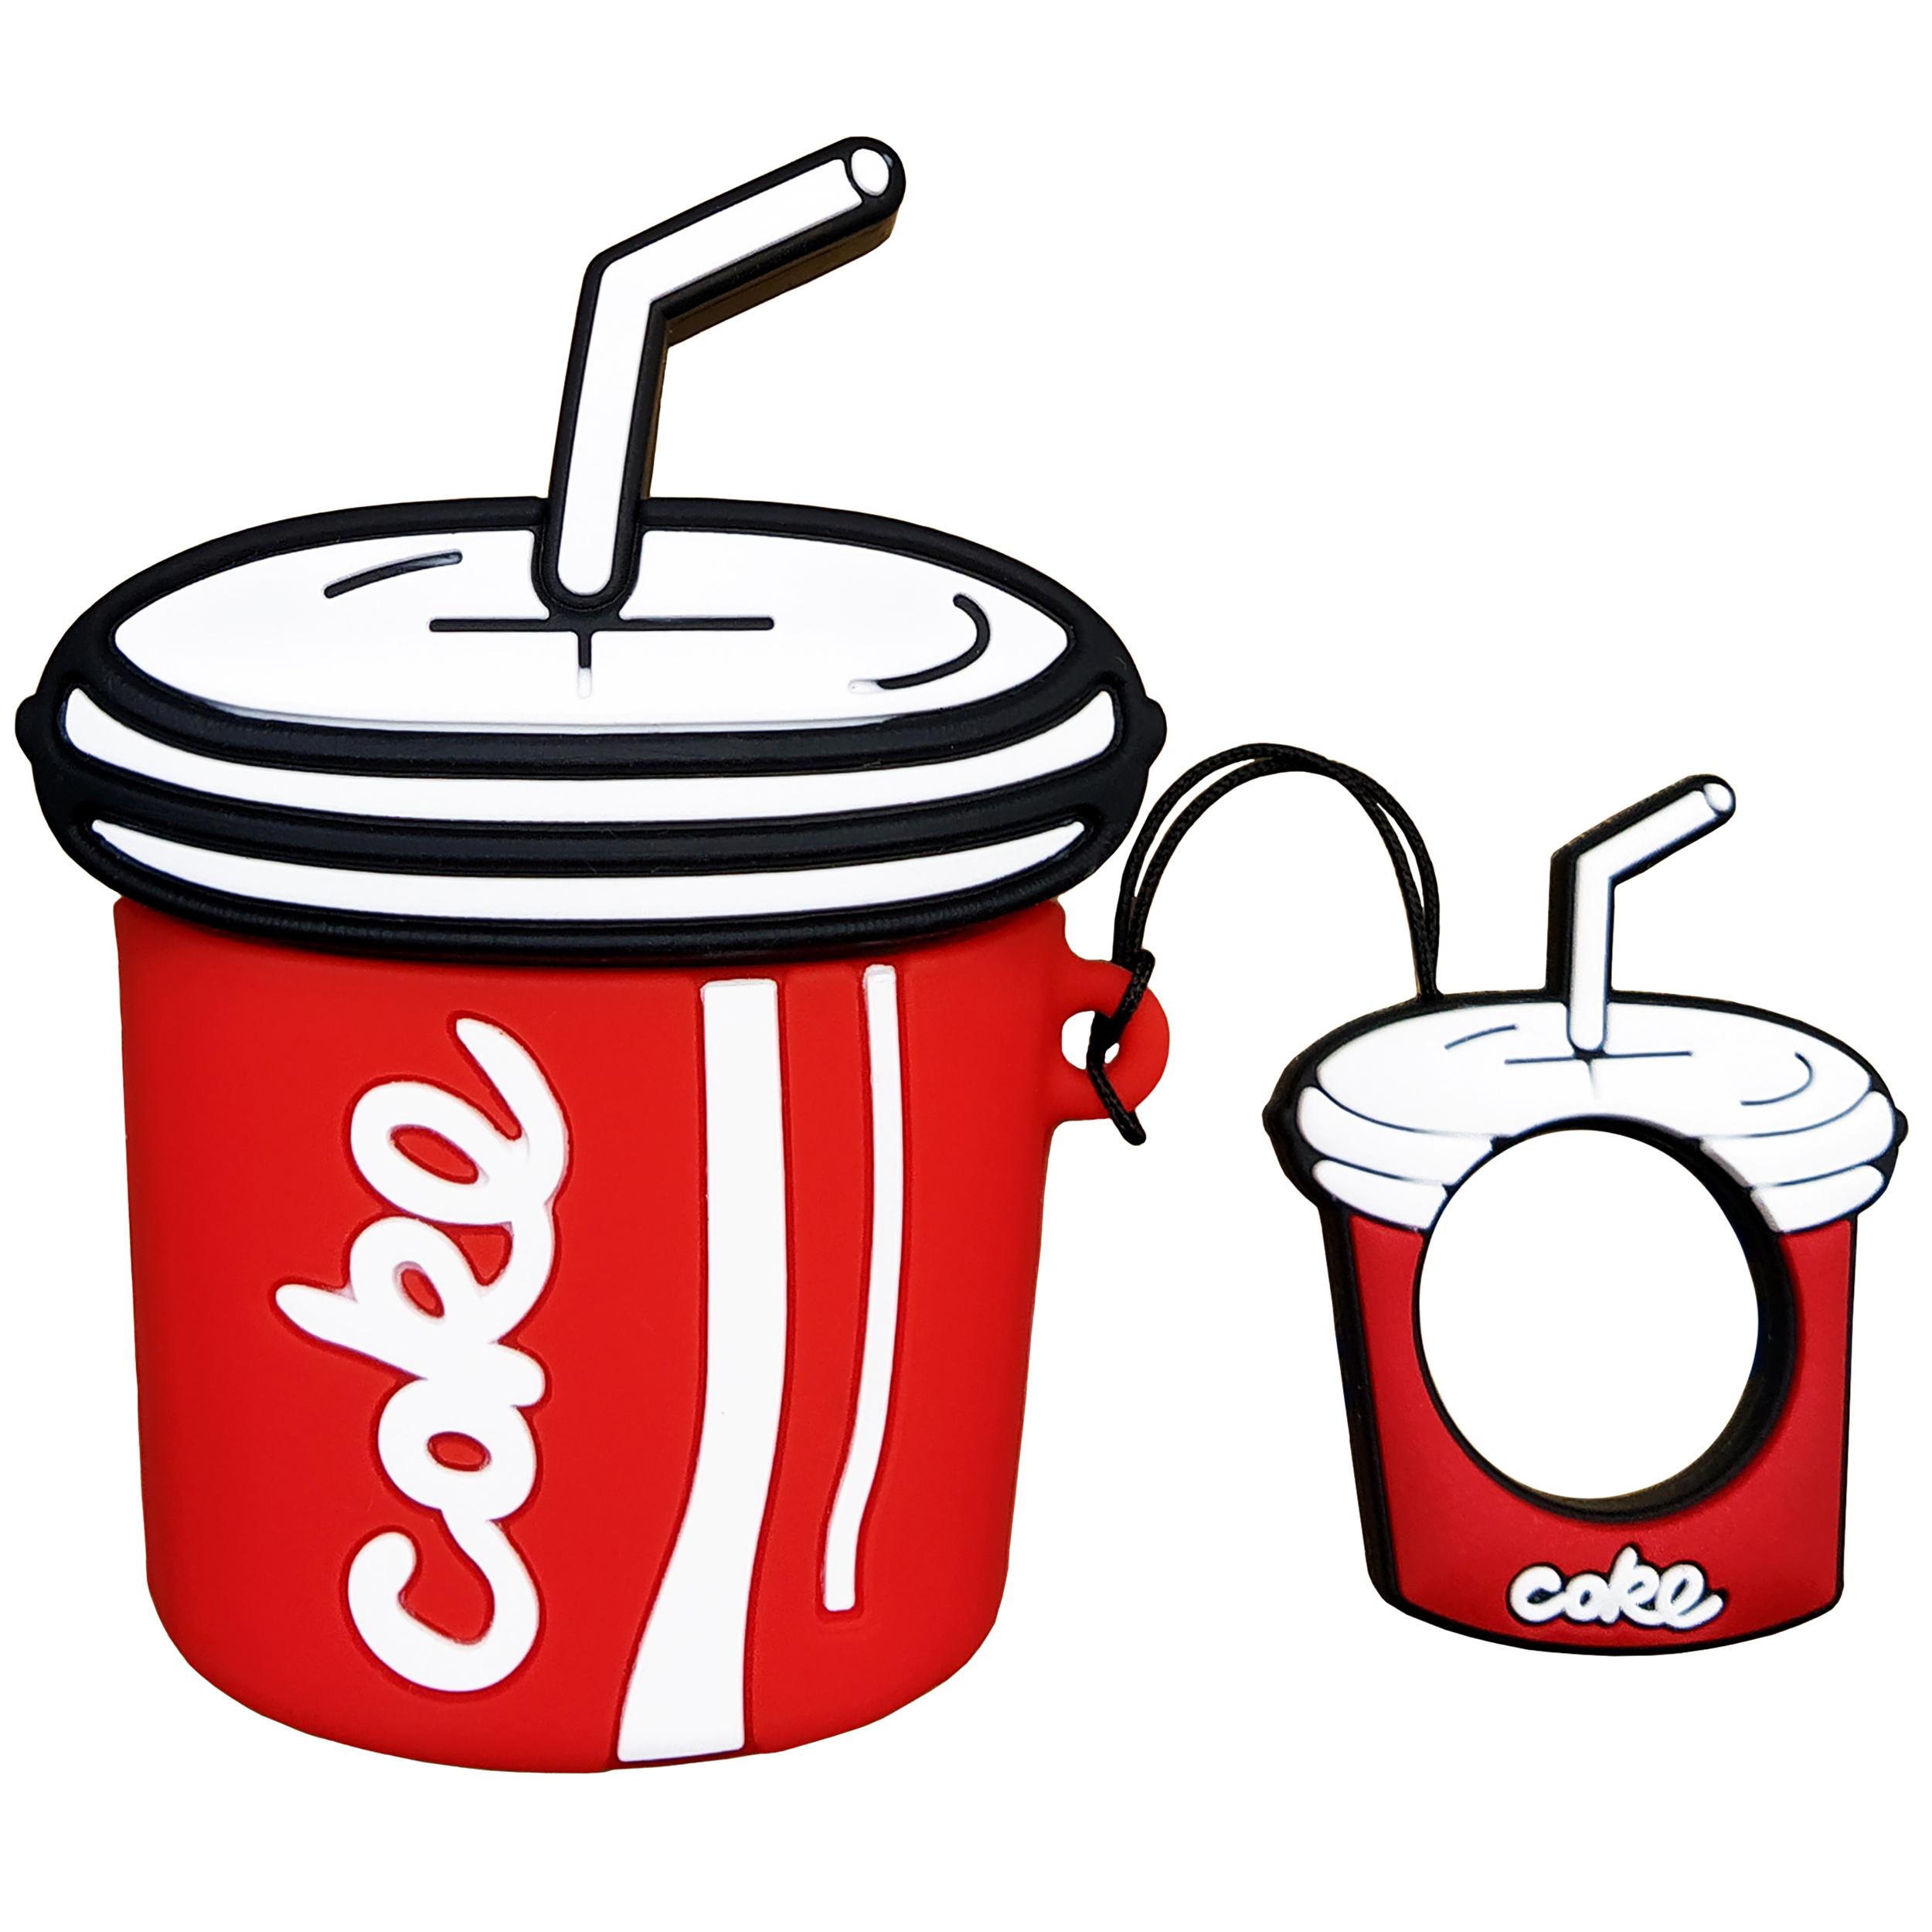 کاور طرح Coke کد 001 مناسب برای کیس اپل ایرپاد